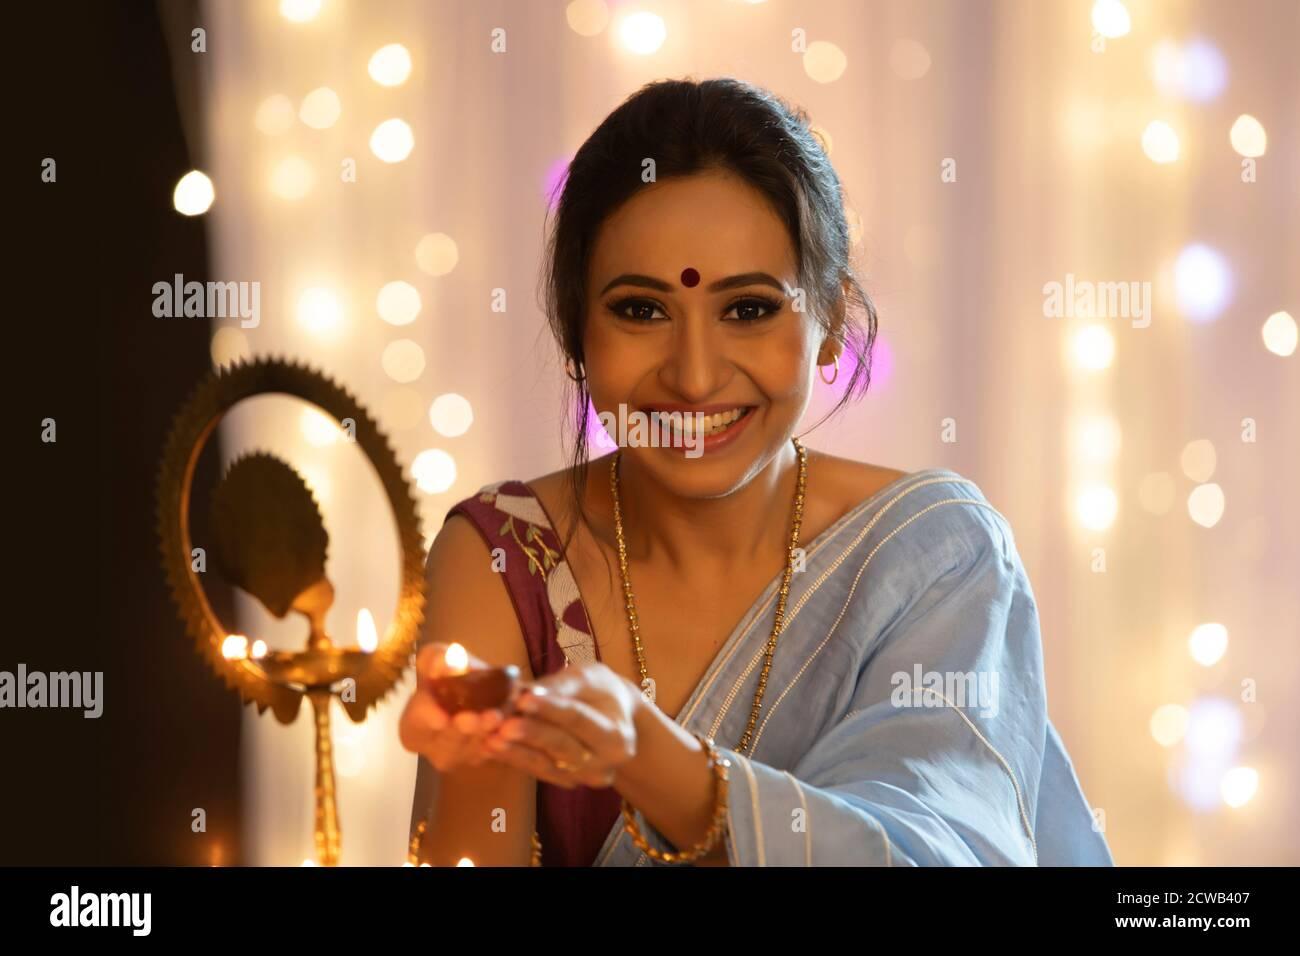 Femme souriant tout en tenant une diya pour allumer une lampe À l'occasion de Diwali Banque D'Images